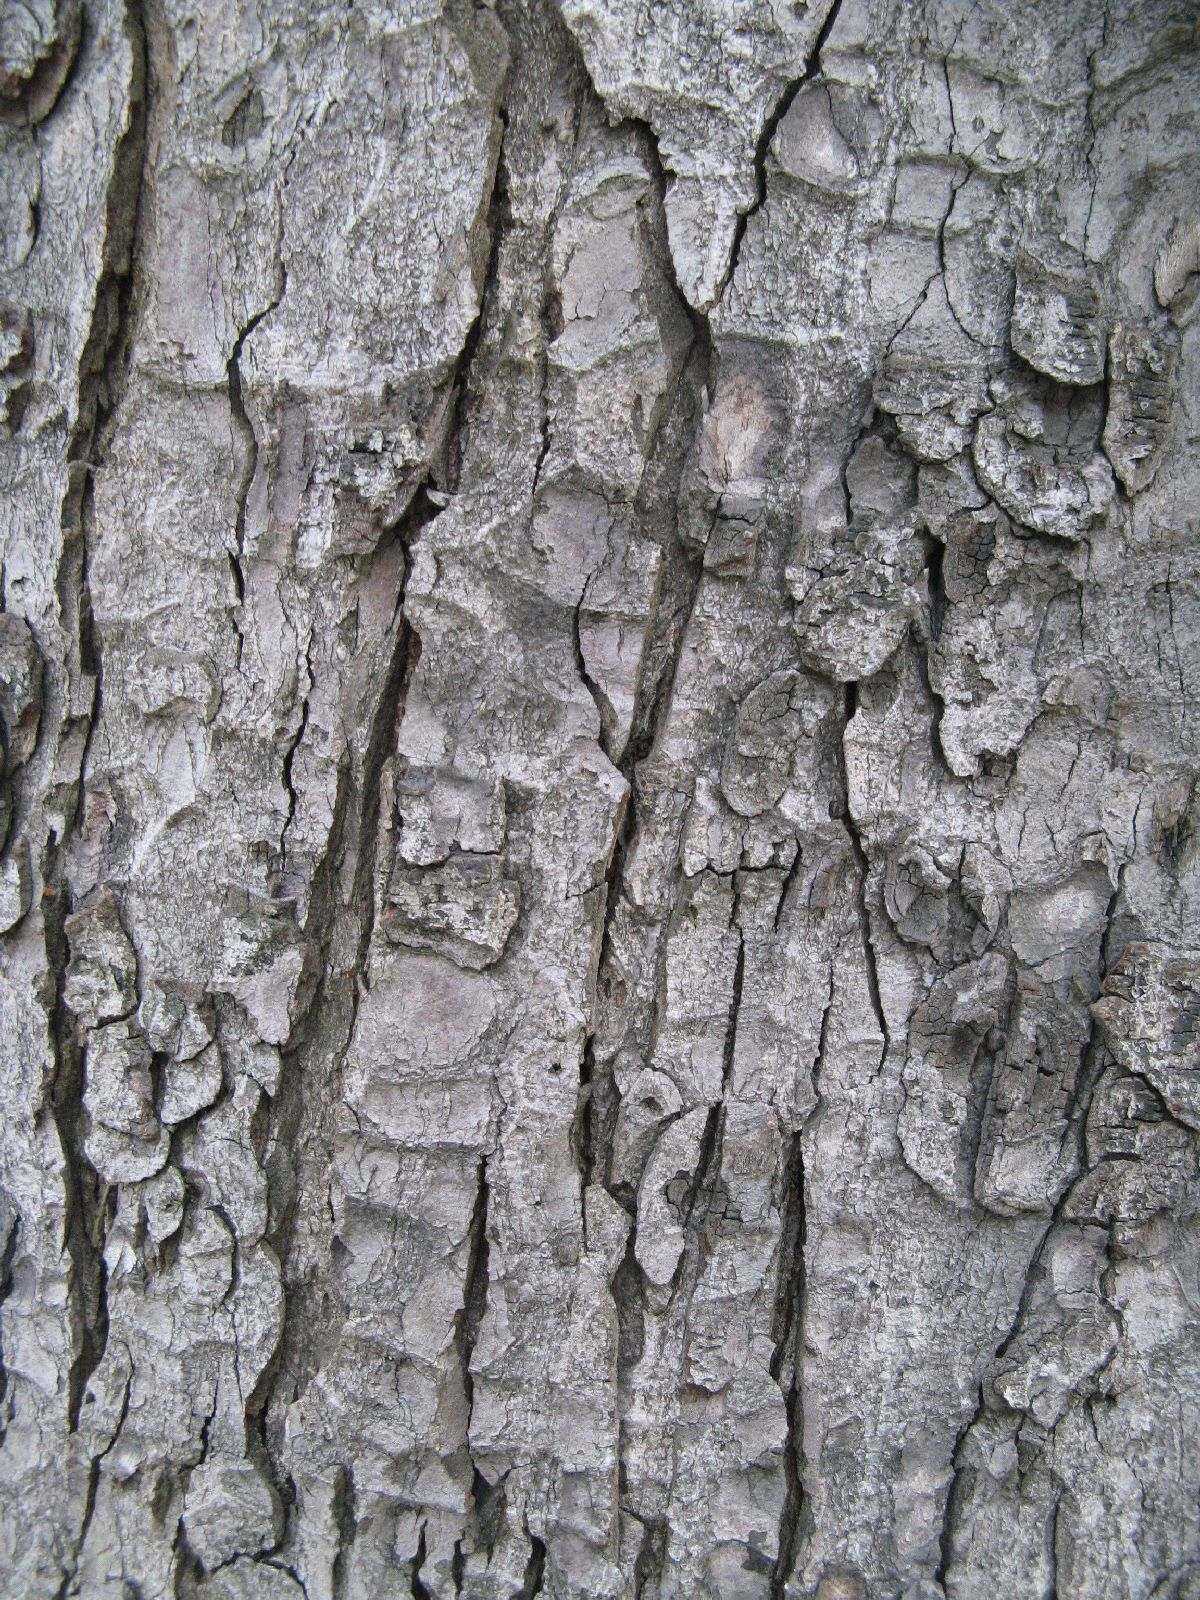 Baum-Rinde_Texturs_B_09210